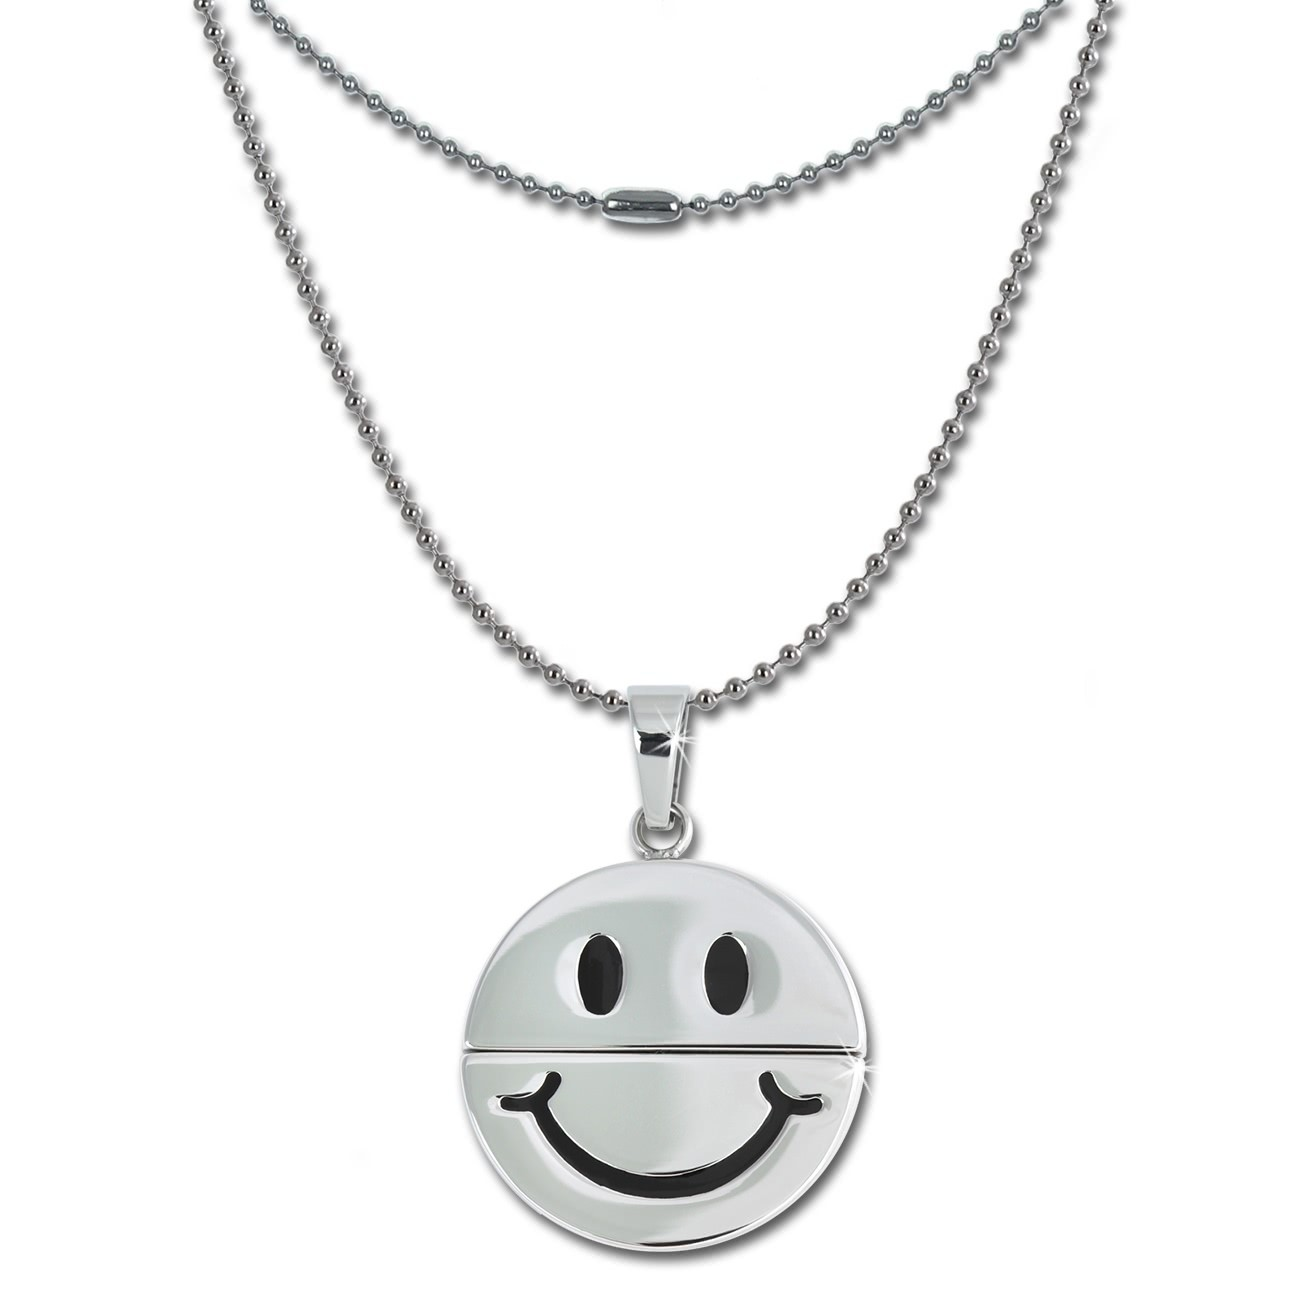 Amello Halskette mit lachender Smiley Anhänger Edelstahl Kette ESK031W